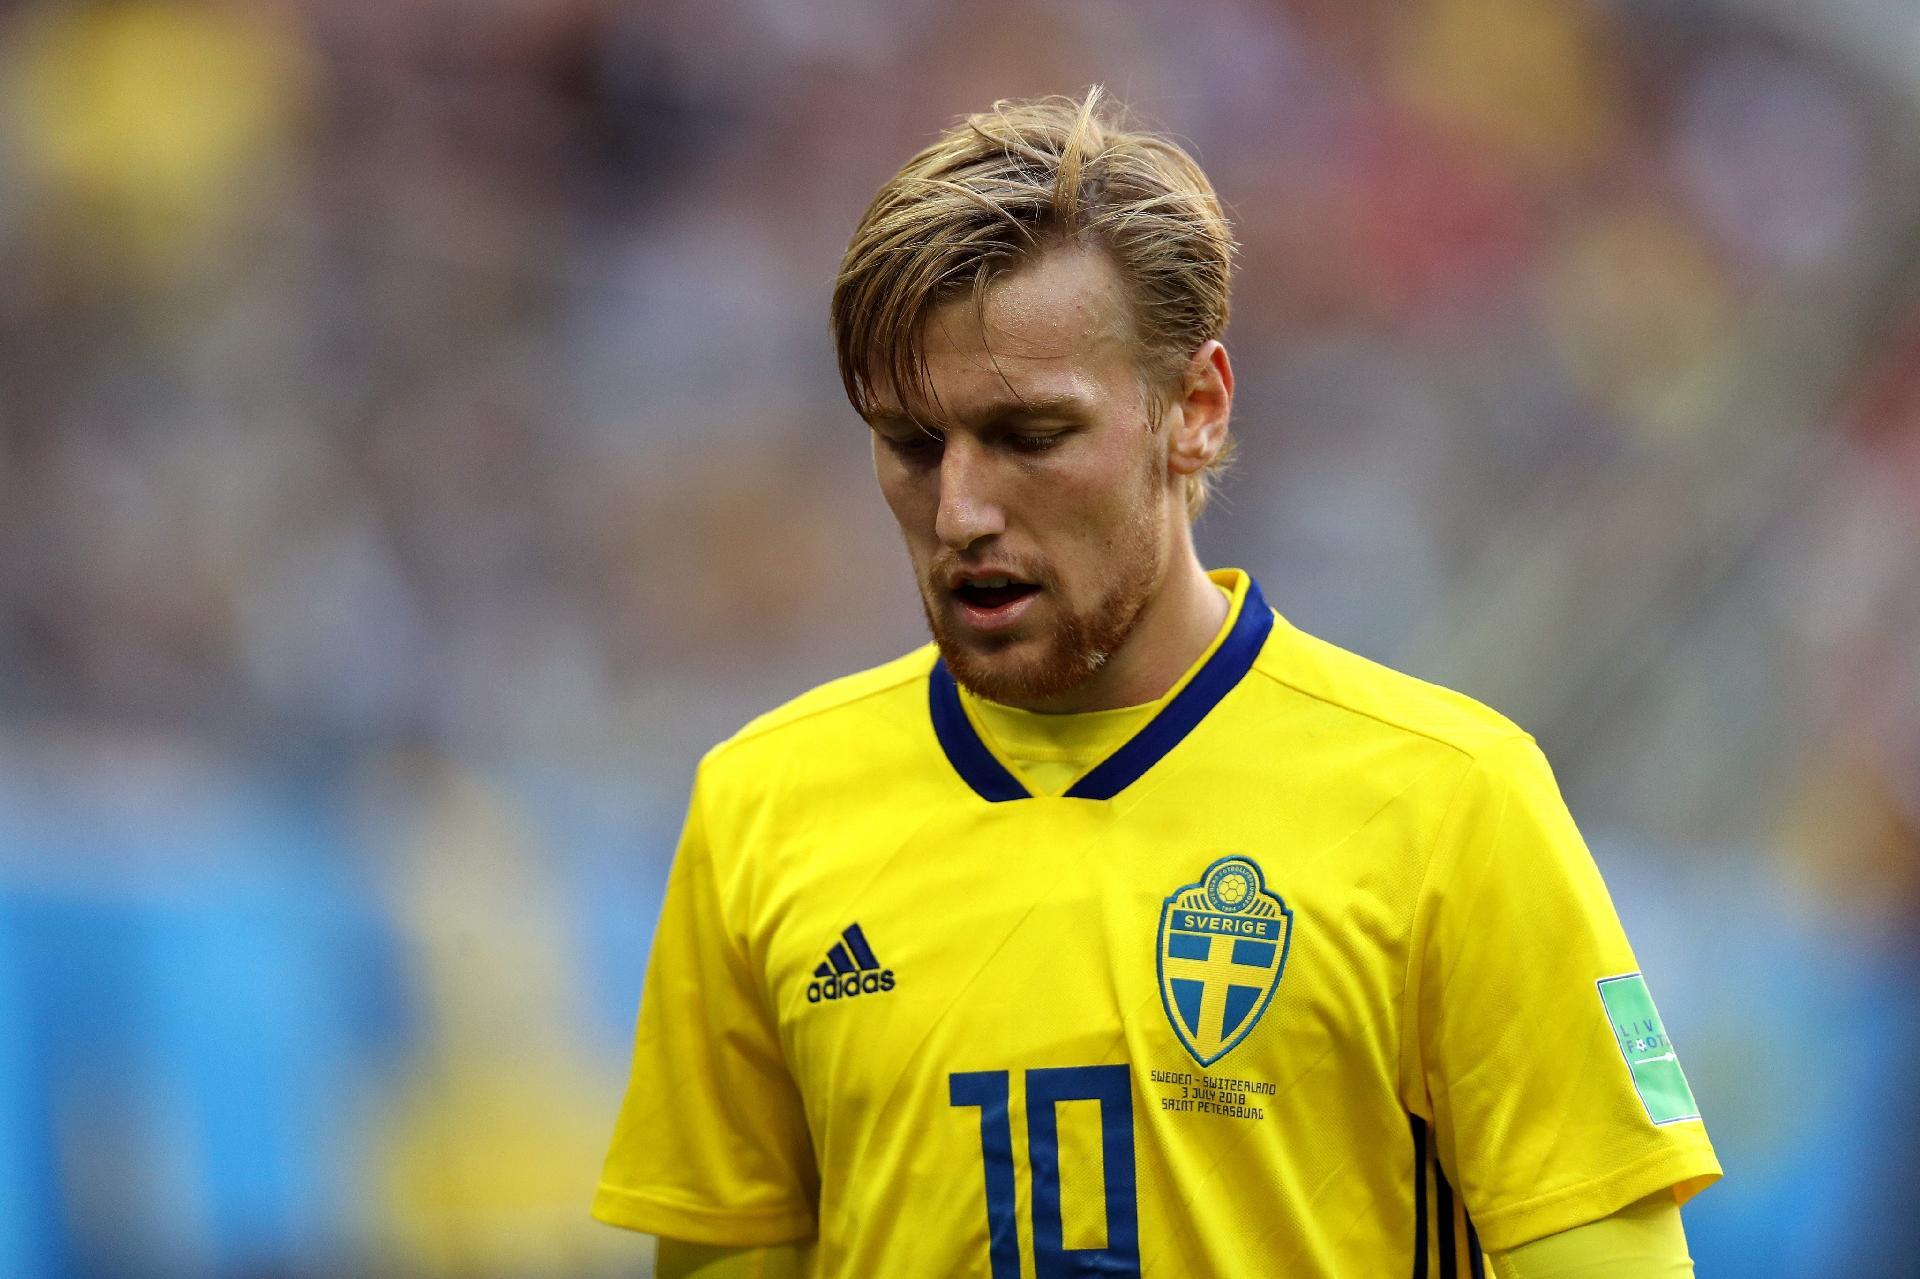 Suécia na Copa 2018  Camisa 10 admite  apagão  da Suécia após 1º gol  inglês